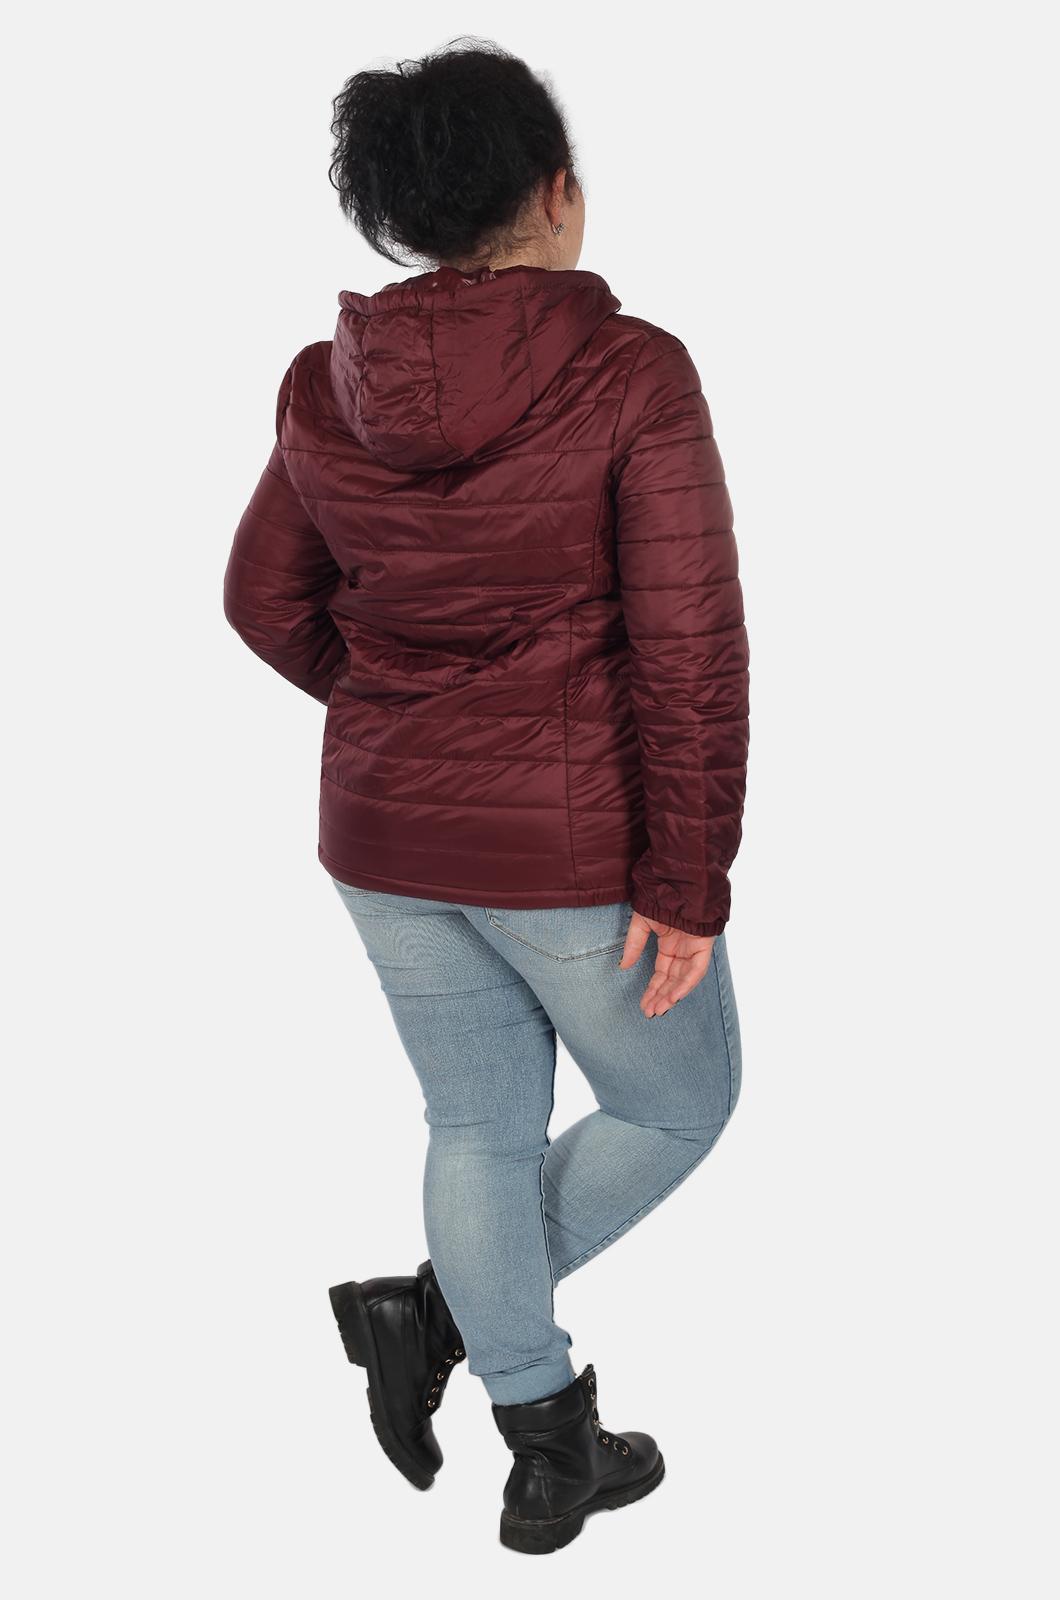 Бордовая короткая женская куртка Rosa Thea (Италия) для межсезонья